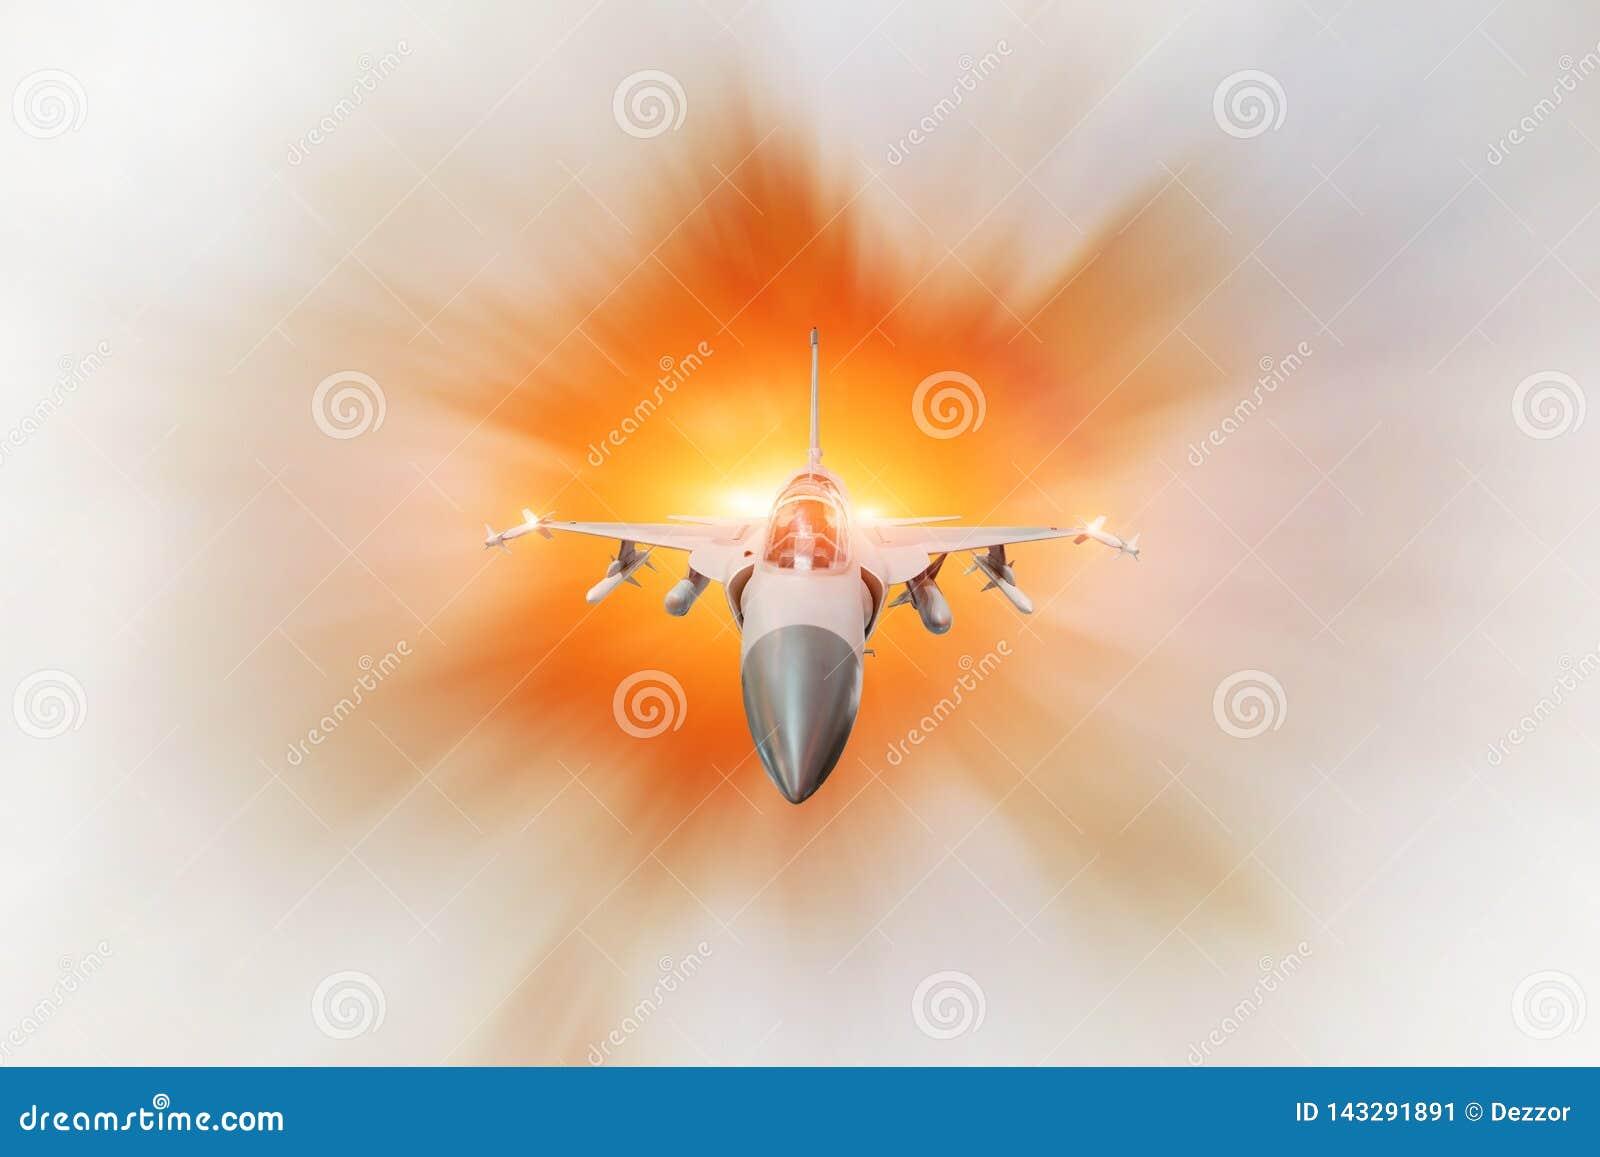 Bojowy myśliwiec na misji wojskowej z broniami - rakiety, bomby, bronie na skrzydłach z pożarniczym dopalaczem, z dużą prędkością